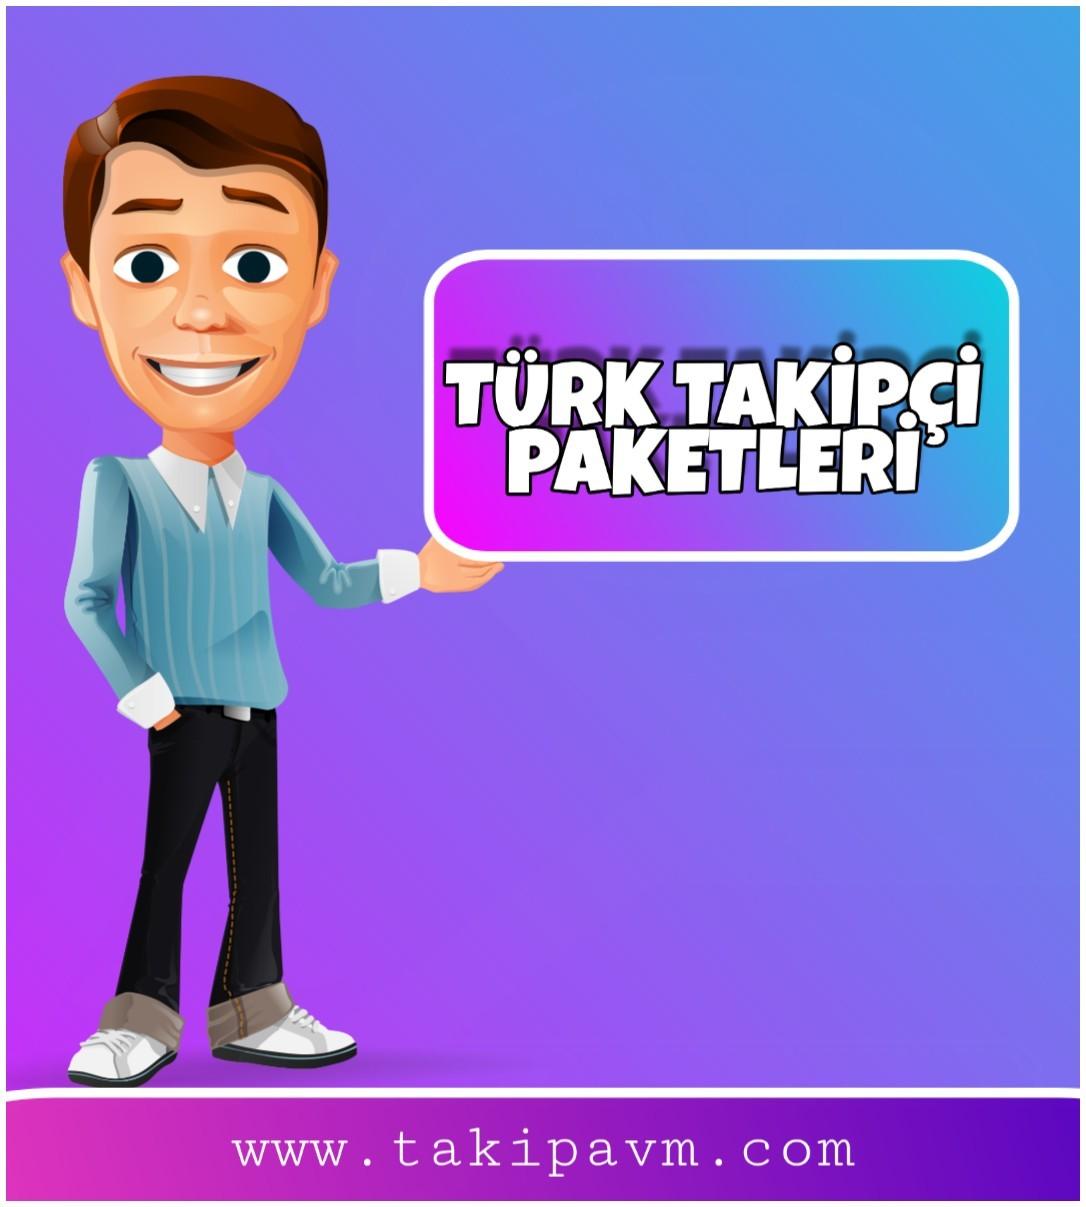 türk takipçi